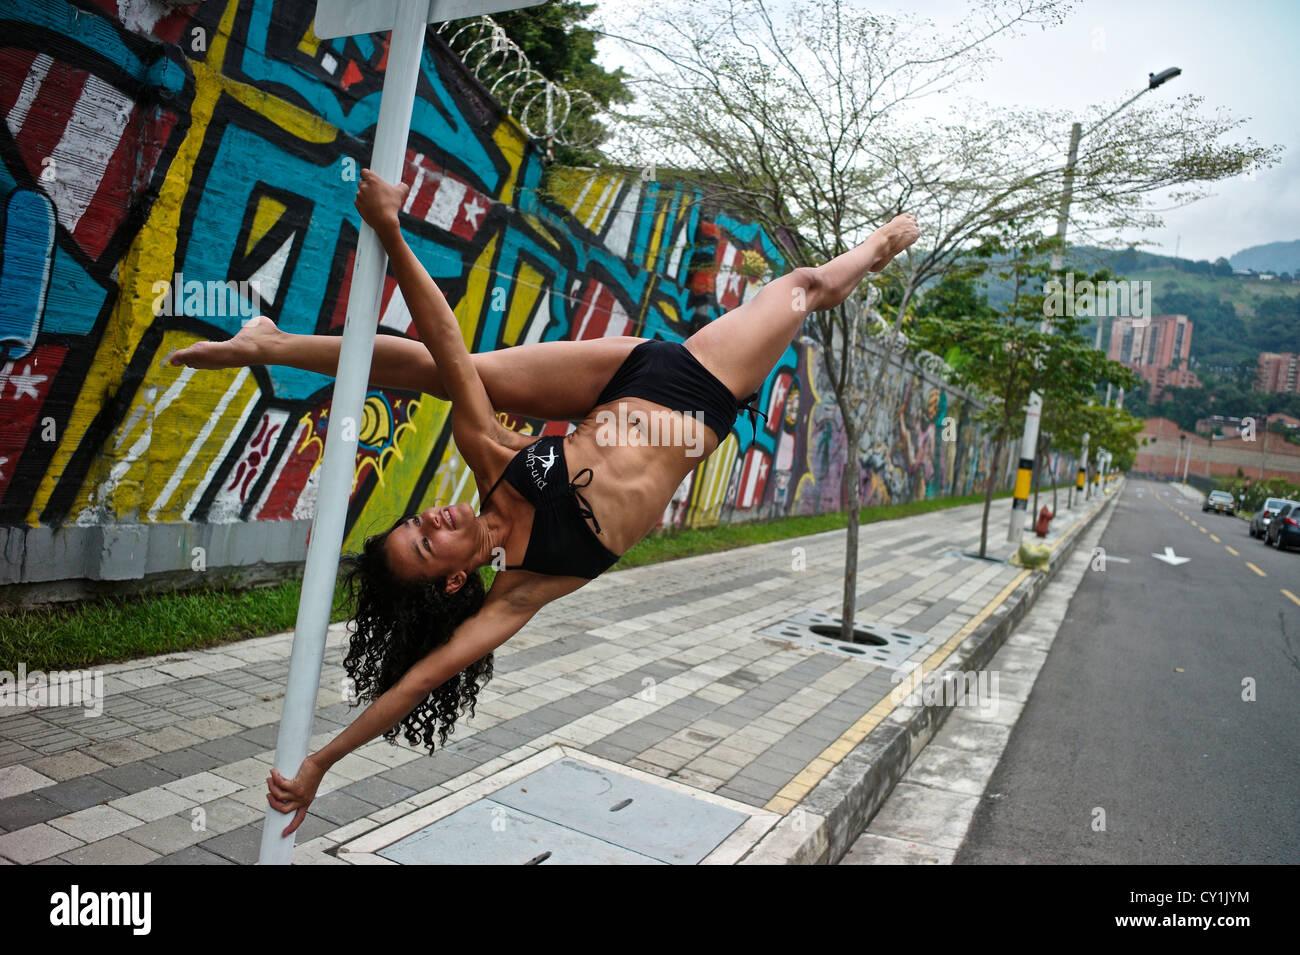 Un bailarín realiza una pose de un polo al aire libre junto a un graffiti urbano. Foto de stock